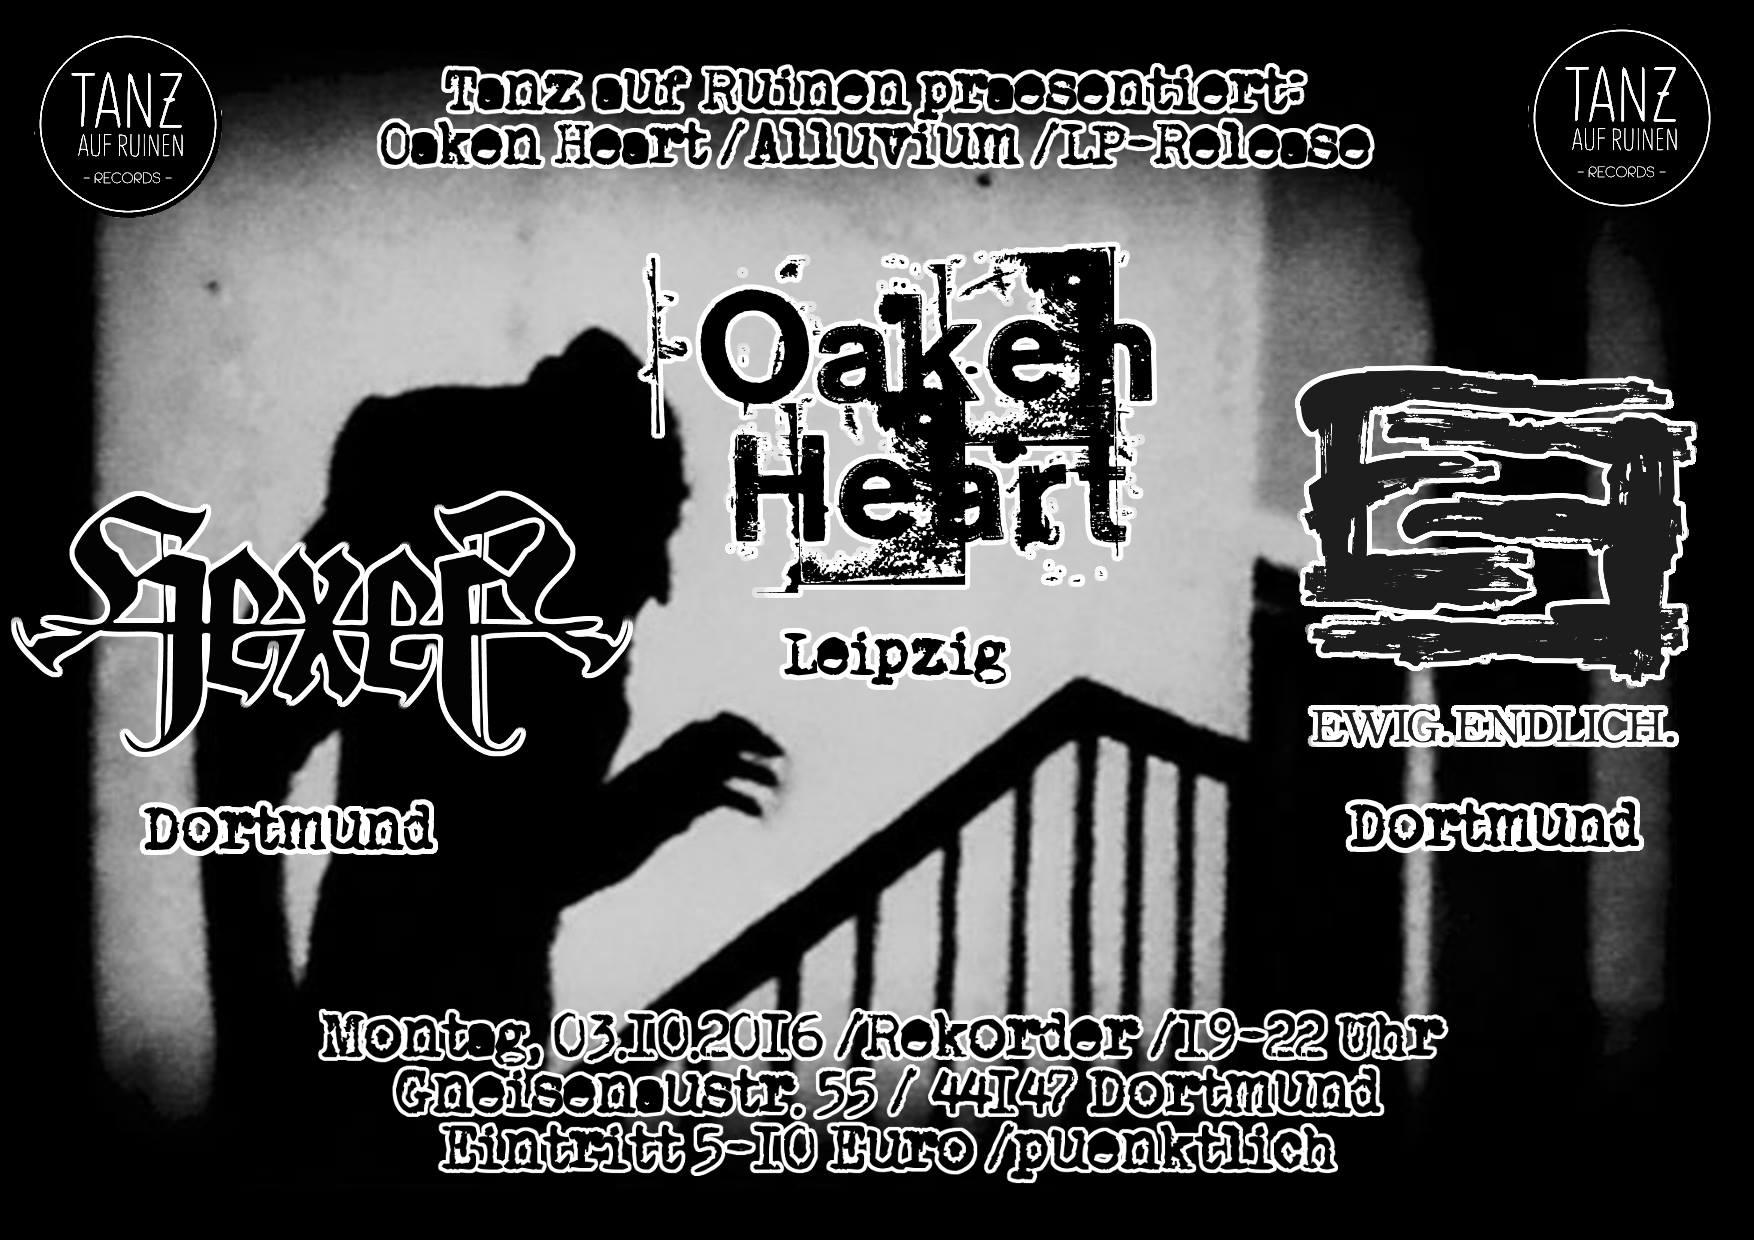 Konzert: Oaken Heart / Hexer / Ewig.Endlich